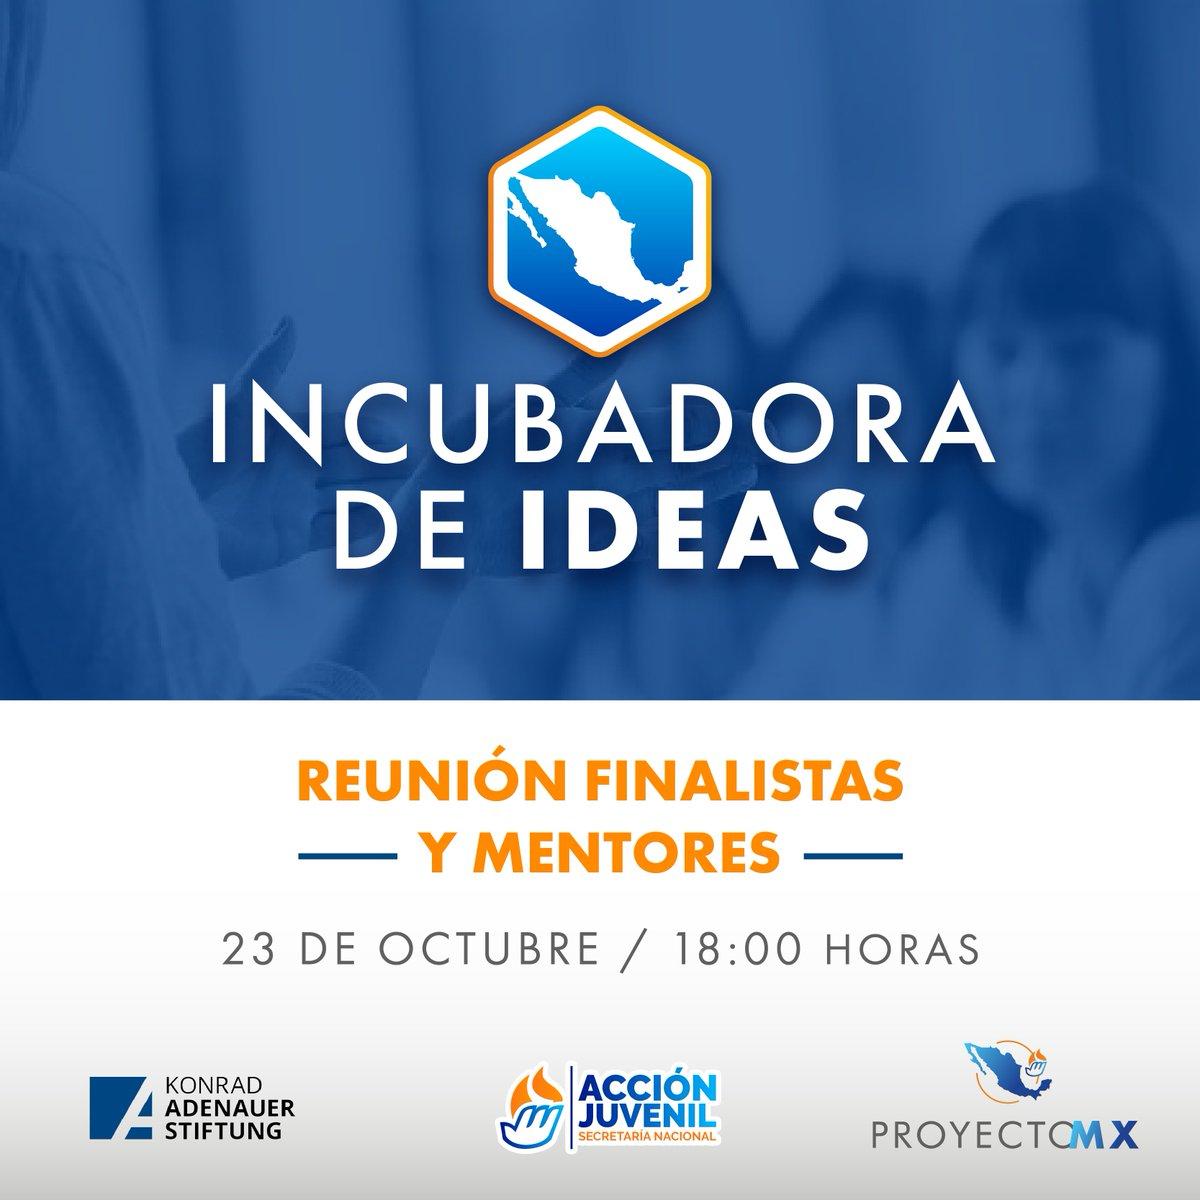 ¿Eres finalista de la Incubadora de Ideas del #ProyectoMX💡🇲🇽 Ideas y Acciones para sacar a México adelante?   👉Nos vemos mañana a las 18:00 h para nuestra reunión de finalistas y mentores.  ¡Te esperamos!  #KASMéxico 🇩🇪🤝🇲🇽 @AccionJuvenil  #másymejordemocracia https://t.co/YTDvSpz1Gt